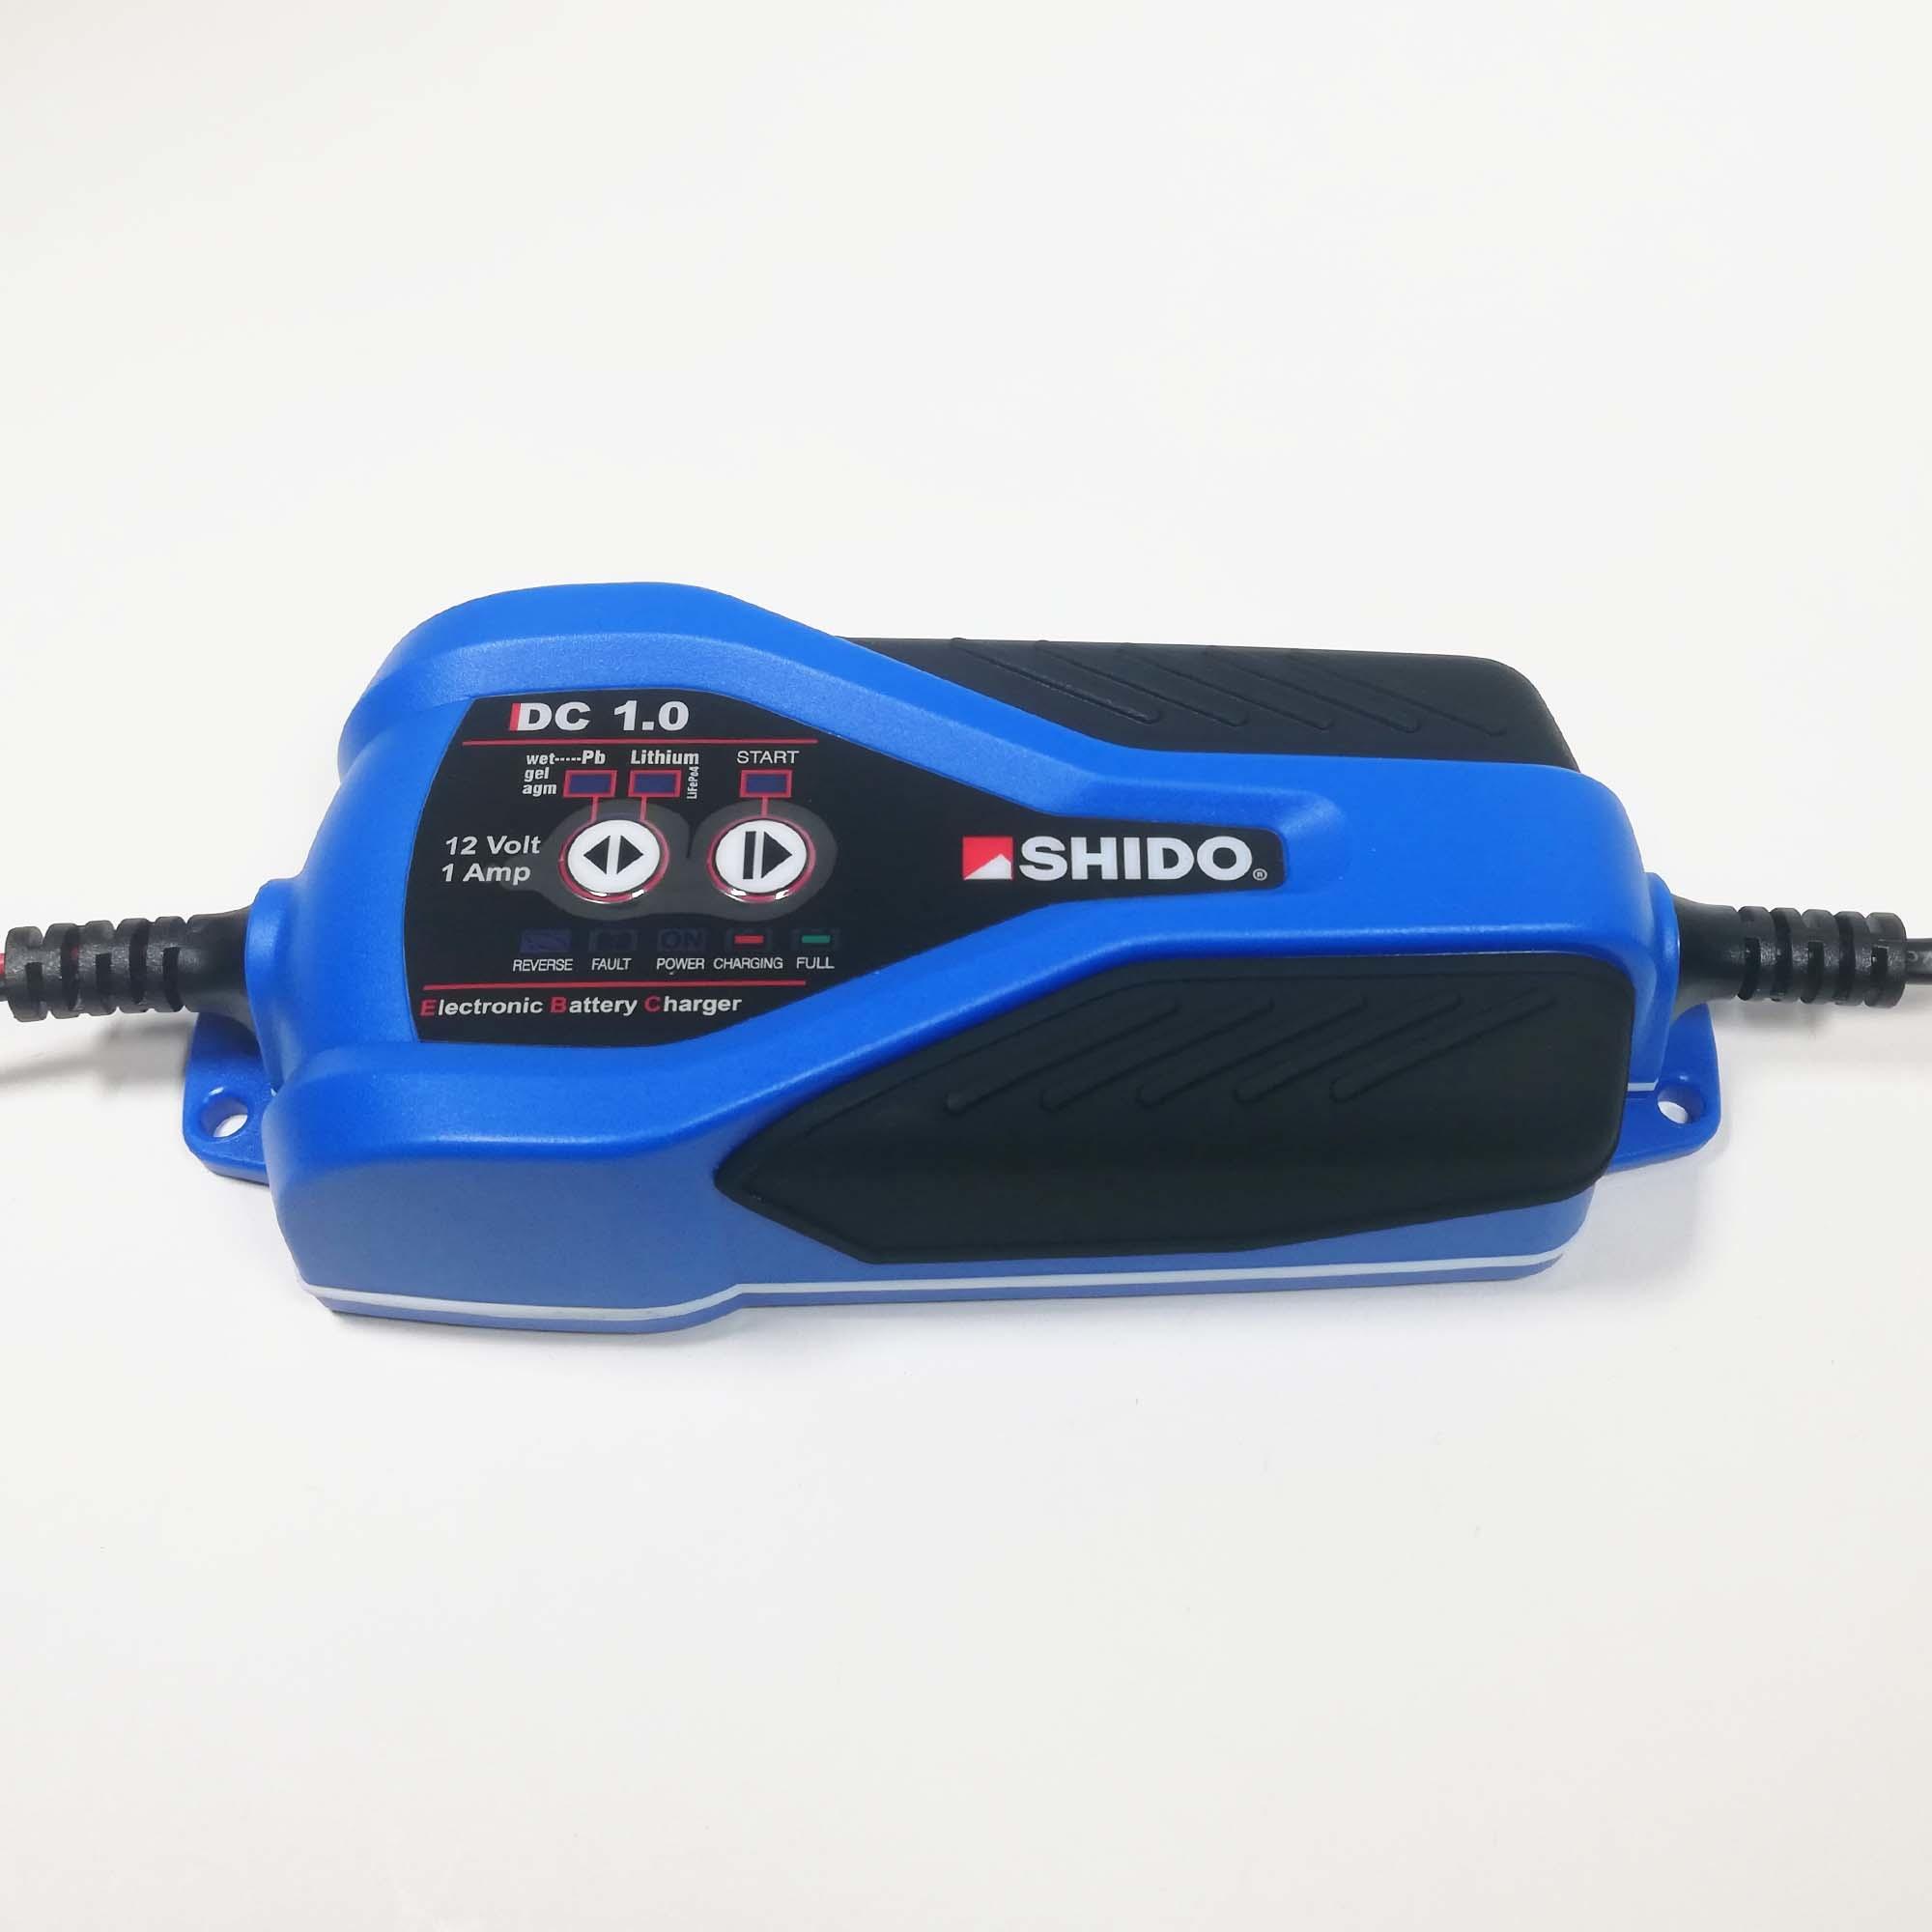 SHIDO Dual Charger DC 1.0